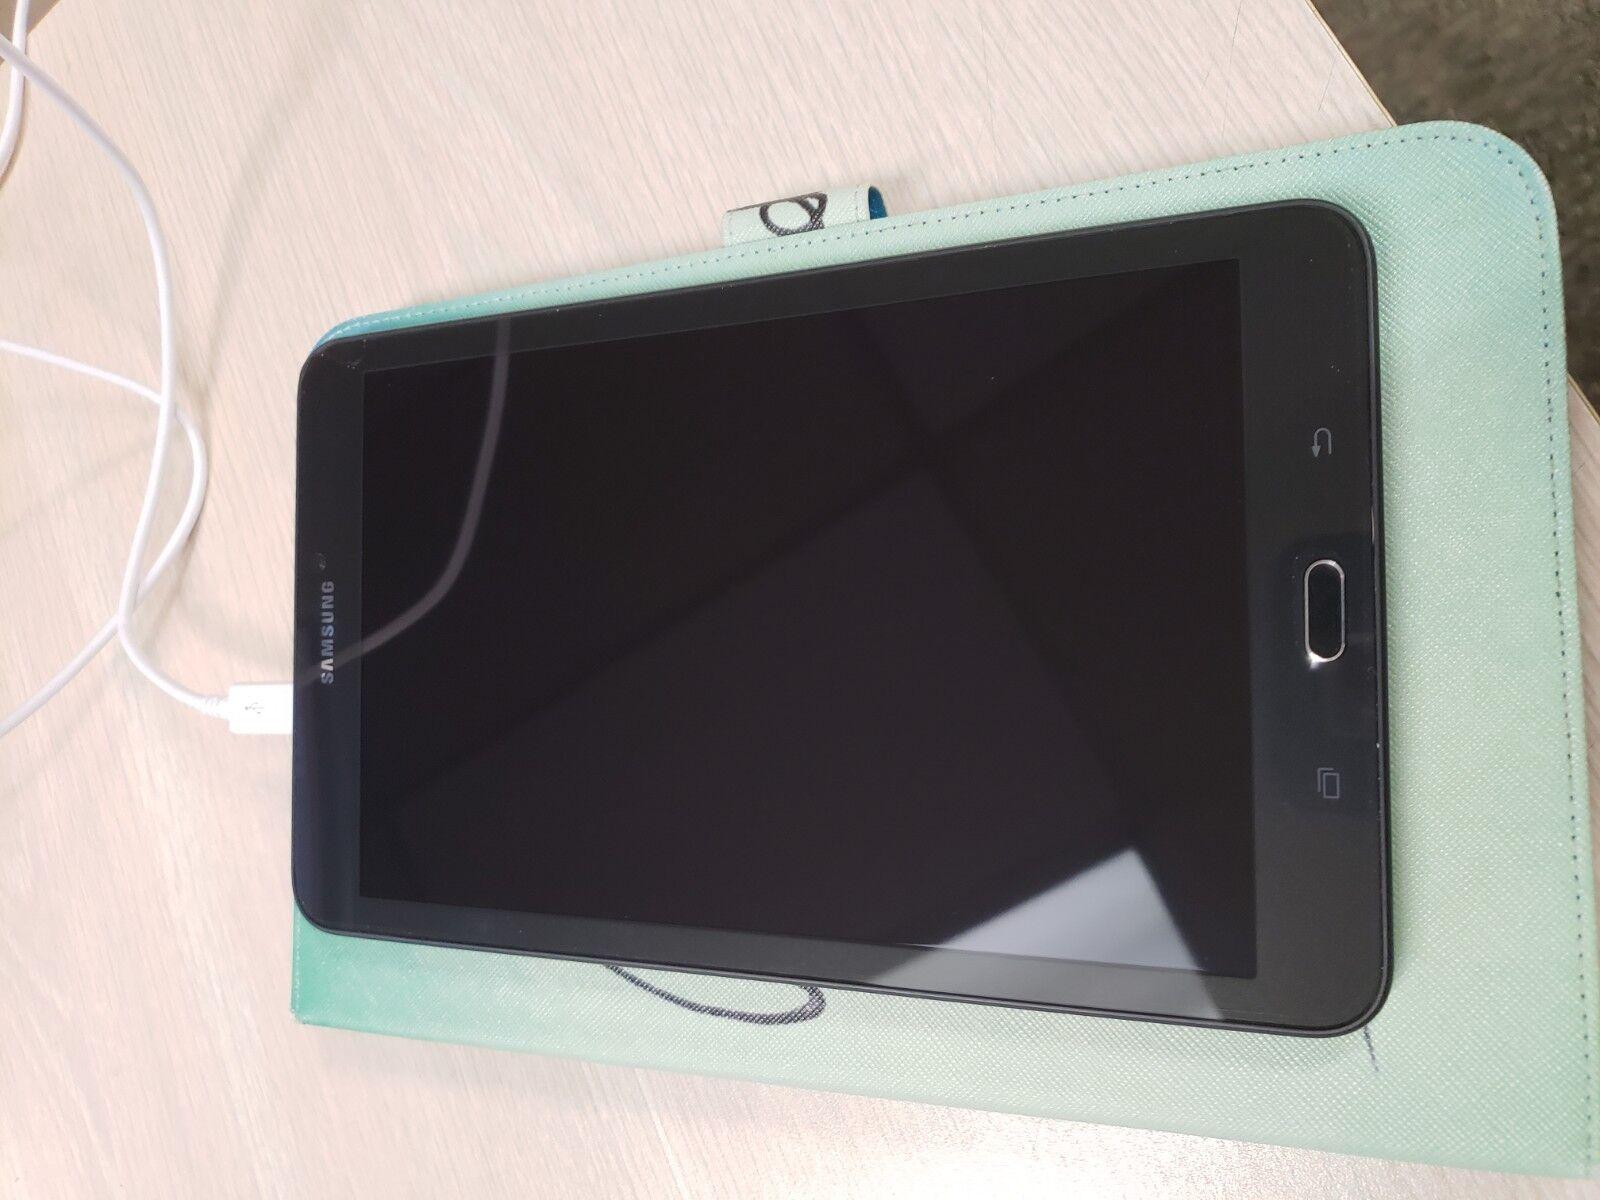 Samsung Galaxy Tab E SM-T560 16GB, Wi-Fi, 9.6in - Black (AT&T)